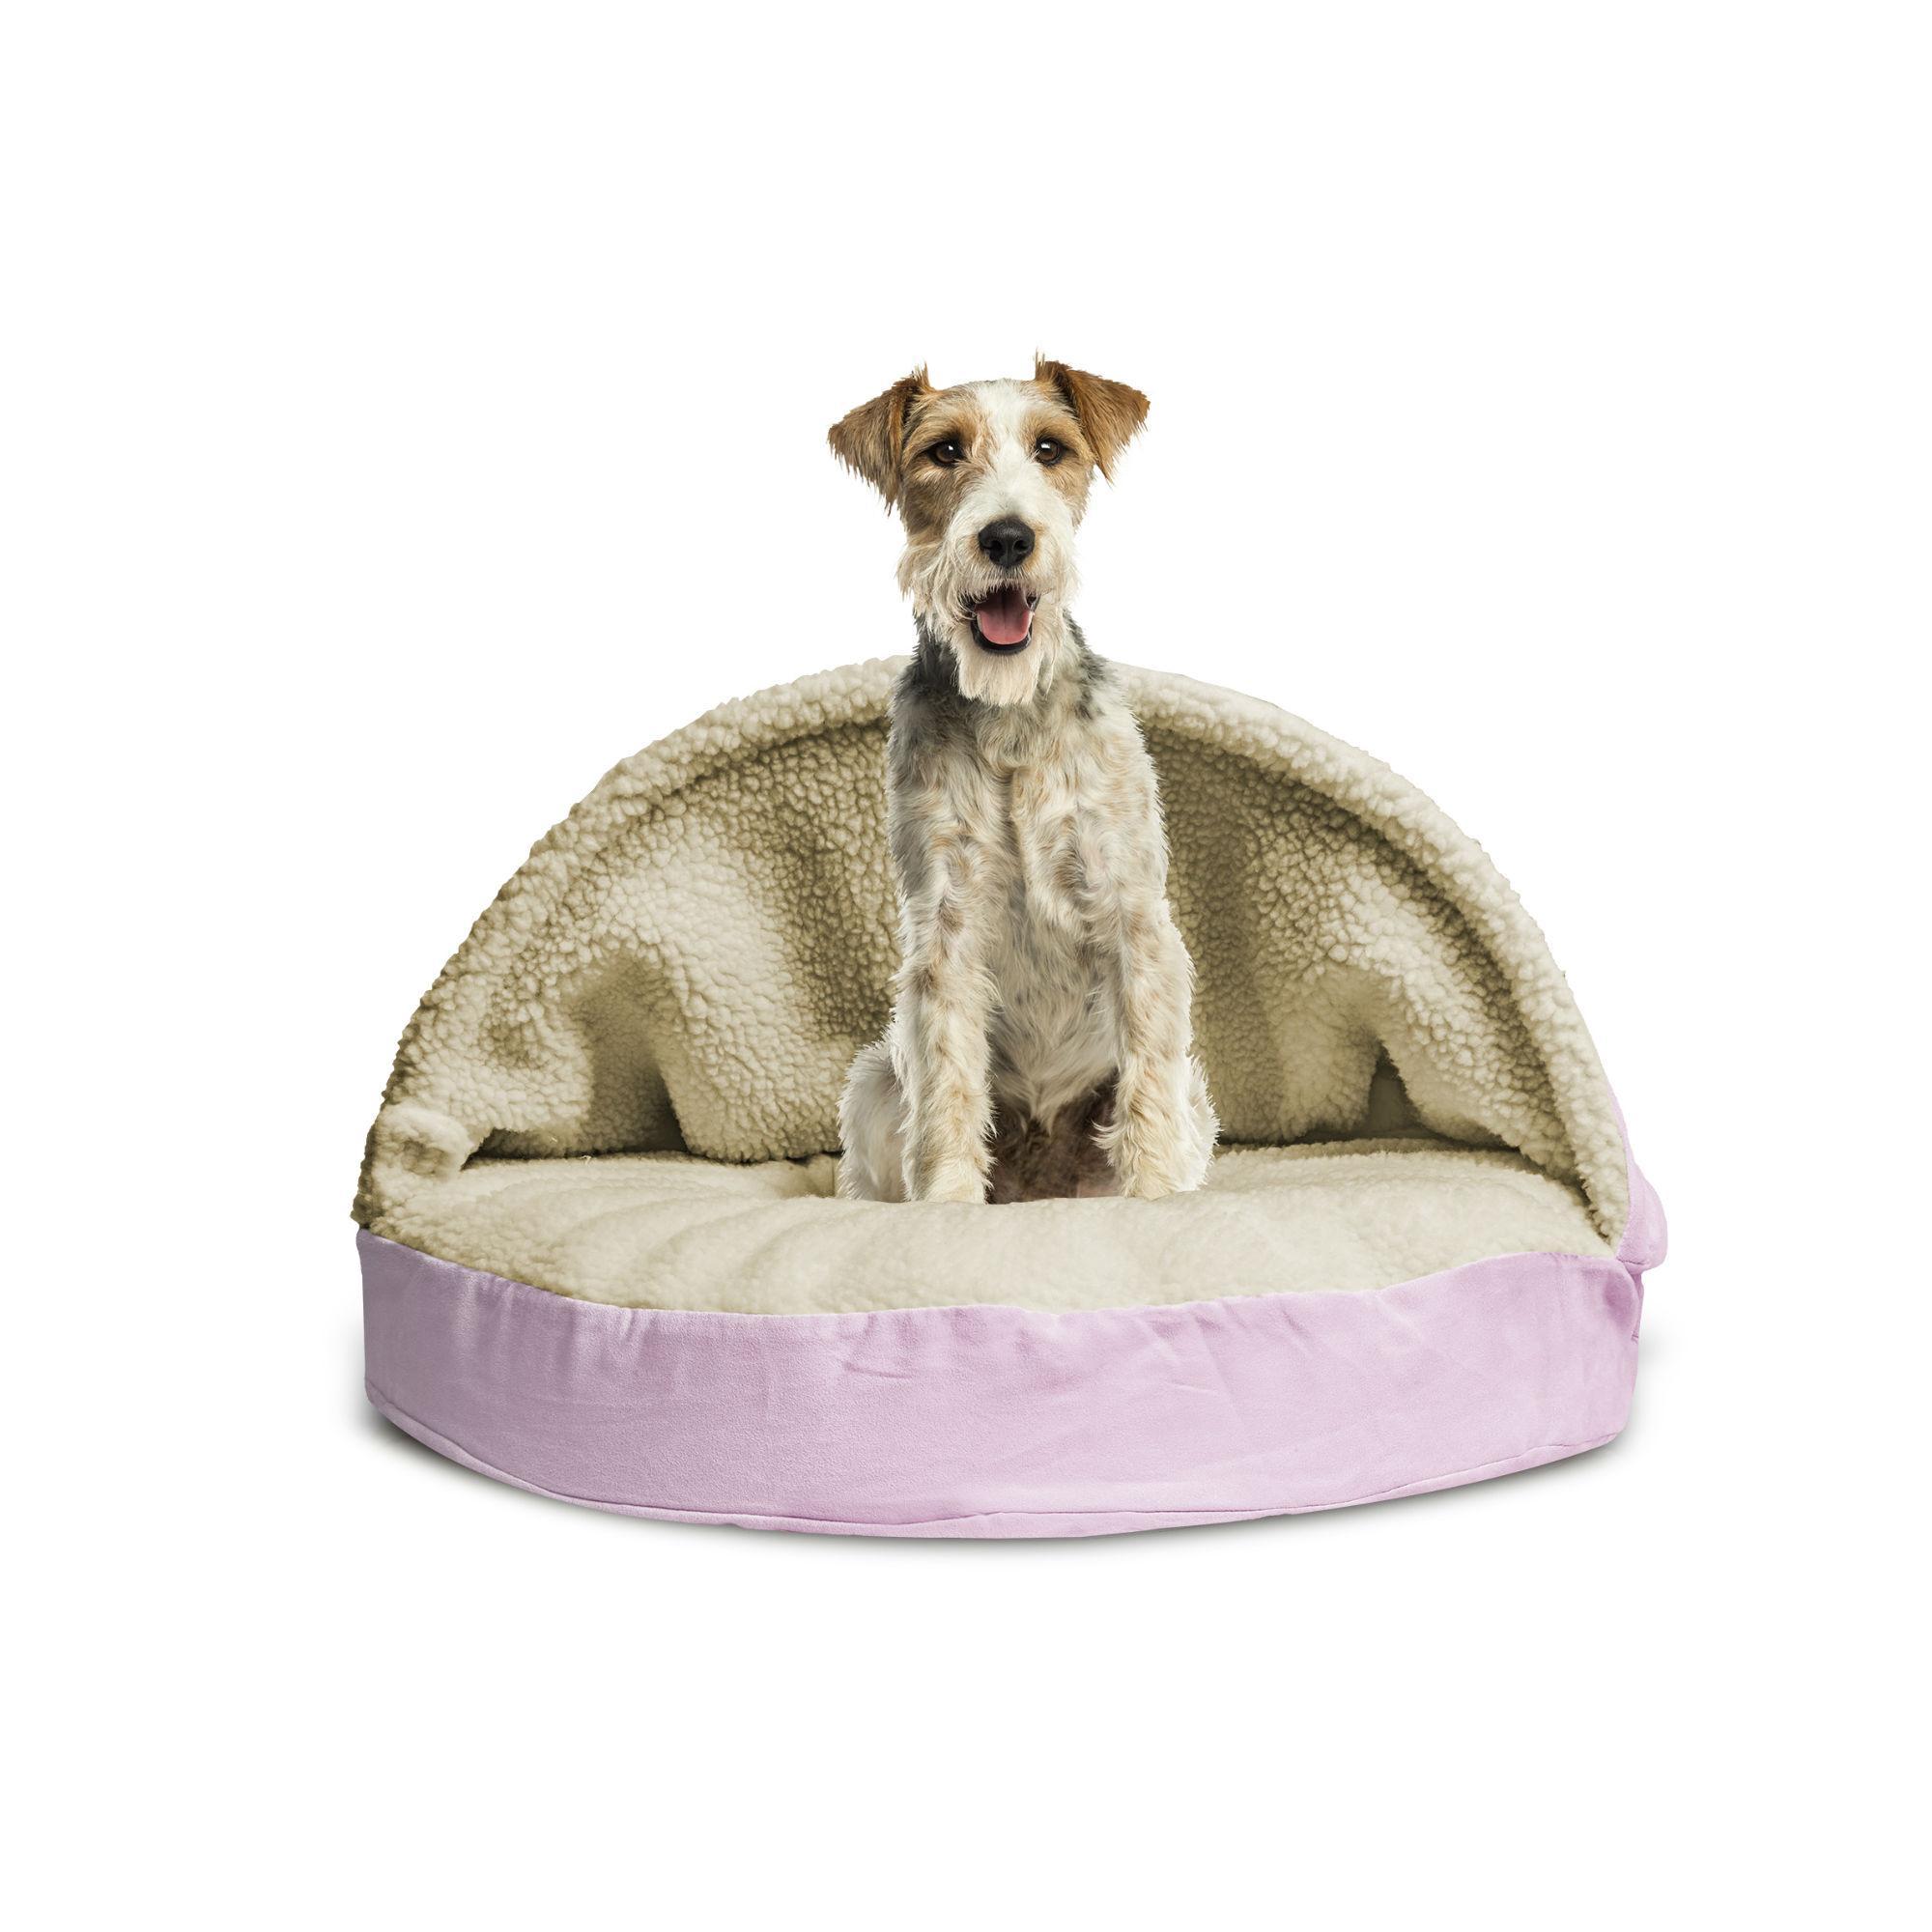 Furhaven Faux Sheepskin Snuggery Pet Bed - Pink